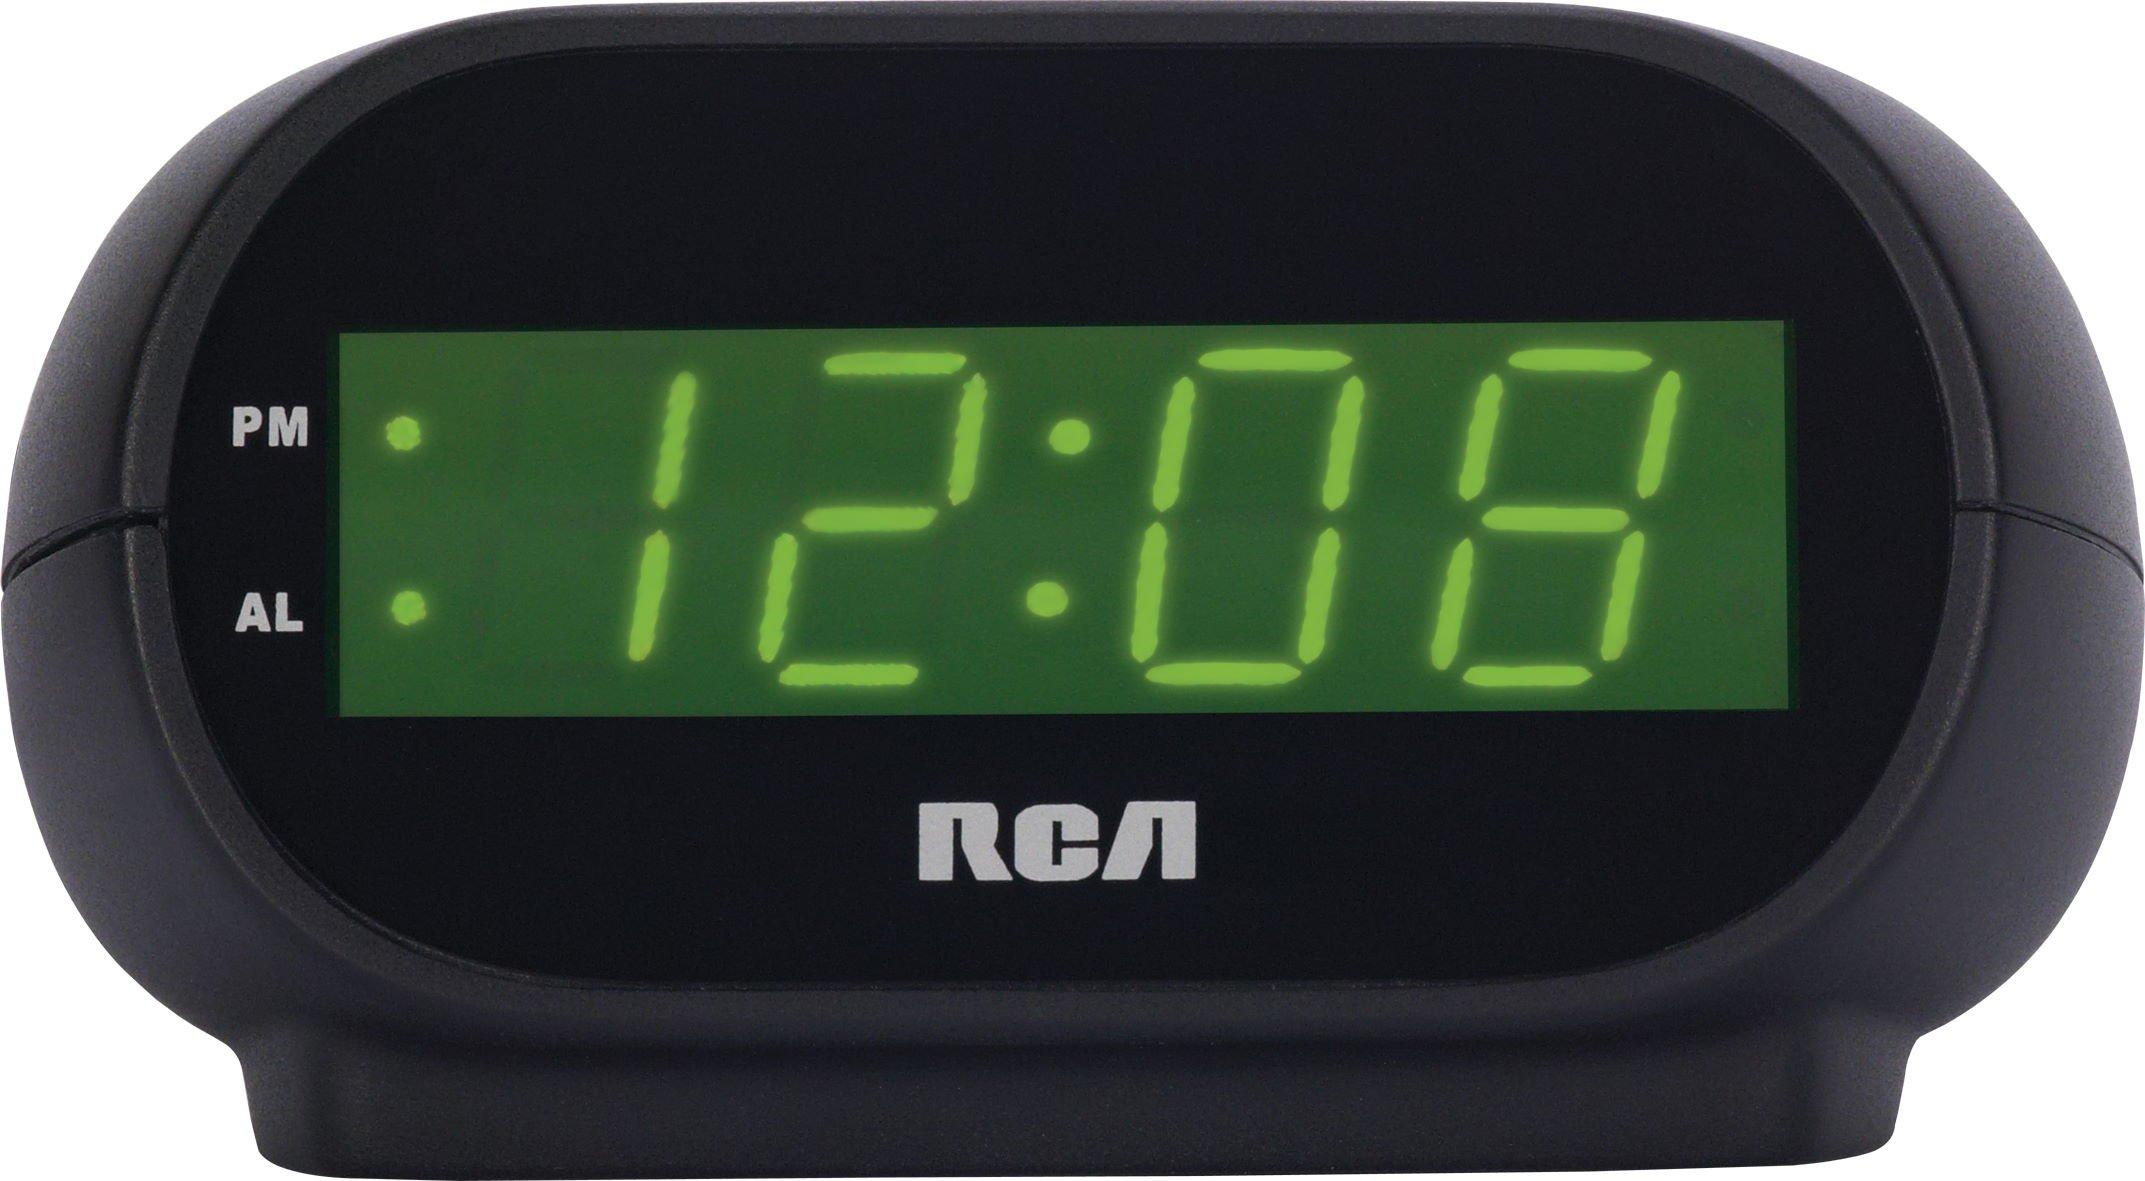 RCA Digital Alarm Clock (RCA Digital Alarm Clock with Night Light)